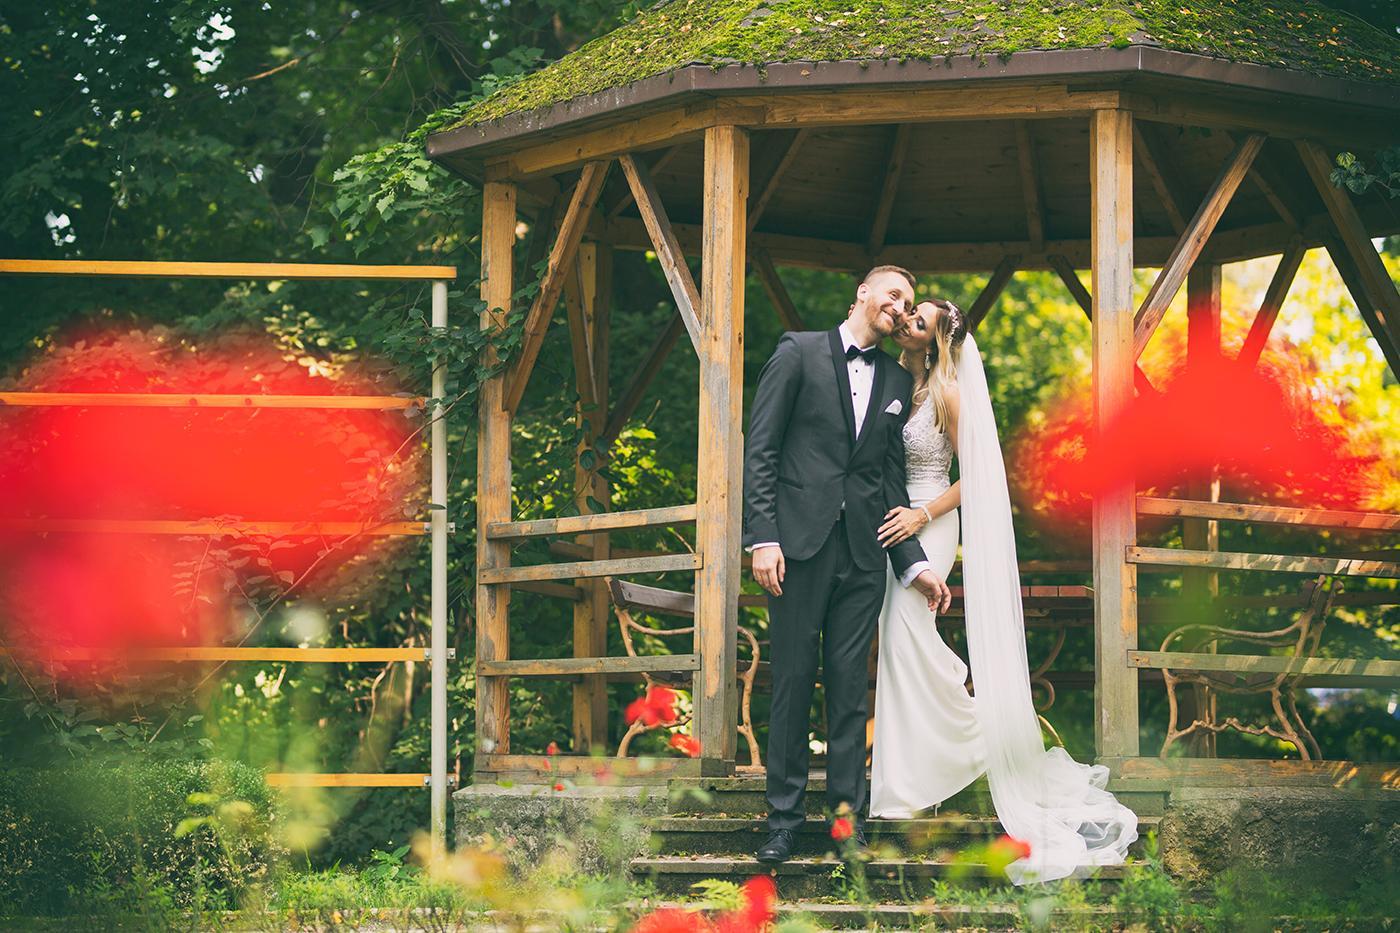 Straszny upał towarzyszył nam w trakcie sesji ślubnej, dlatego każdy chciał jak najszybciej wrócić do domku, aby się ochłodzić. Sesja szybka, ale myślę, iż bardzo udana.